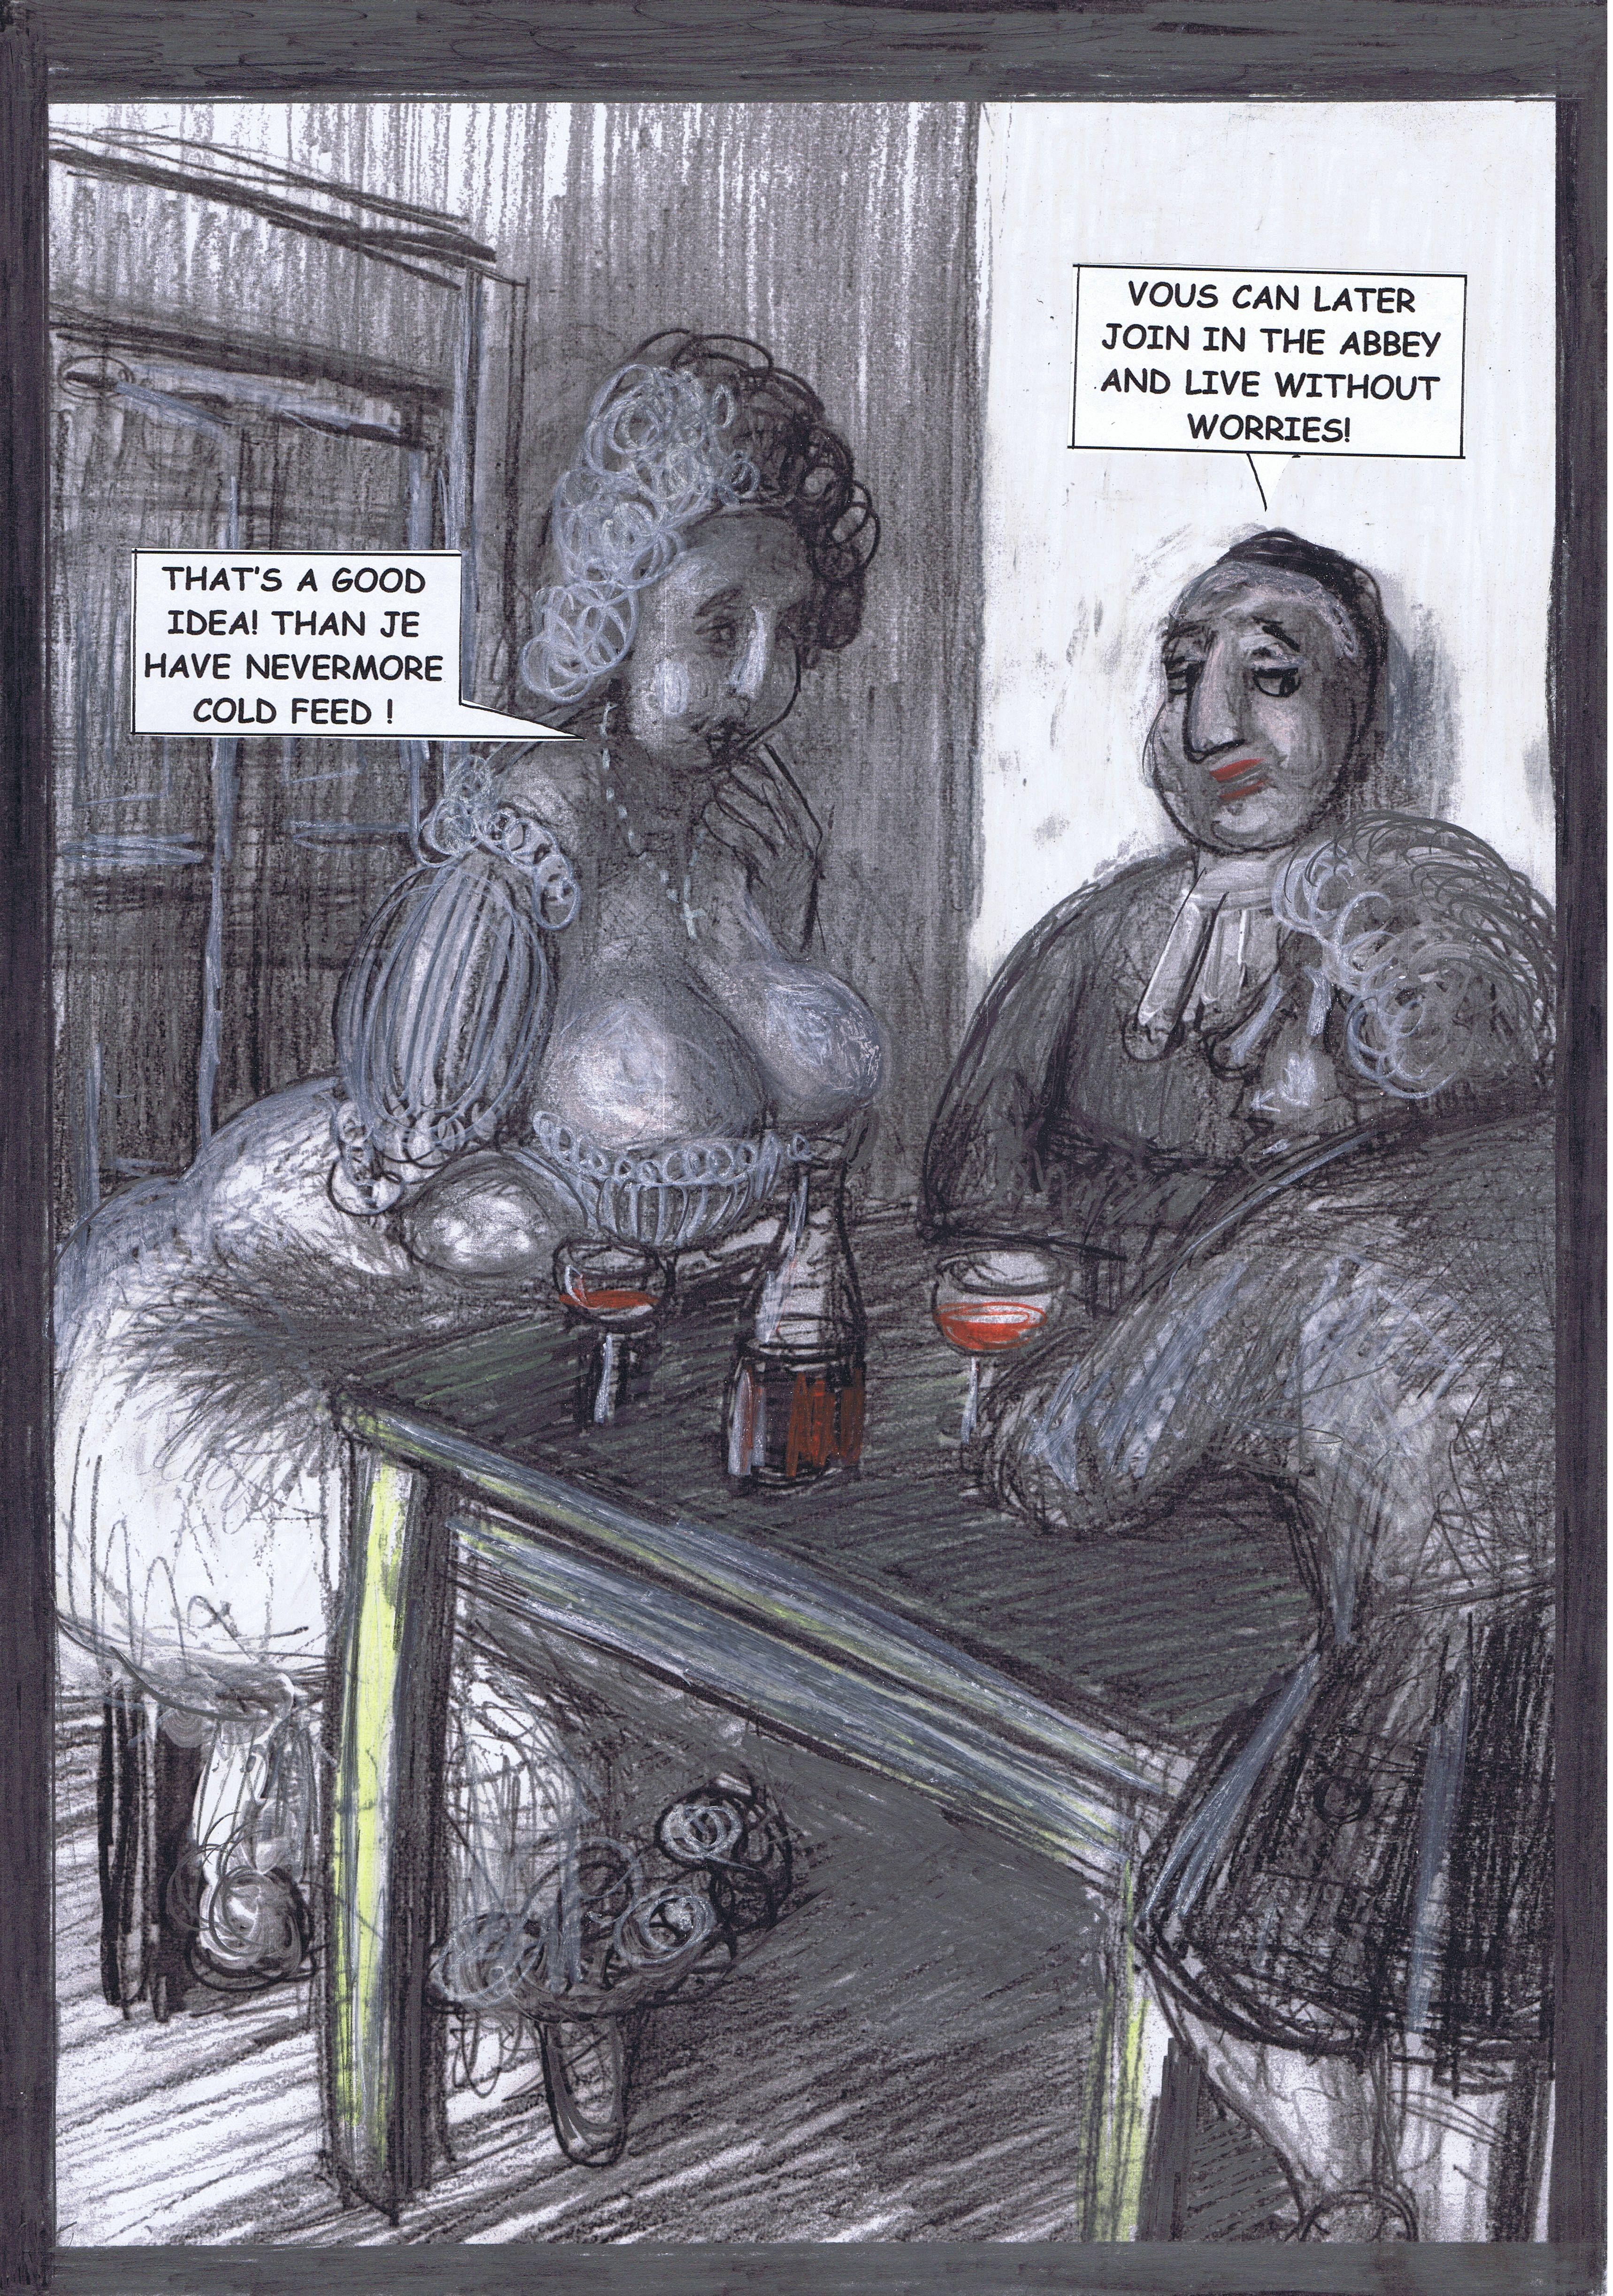 Seite 38 - Marianne findet das behagliche Kloster verlockend